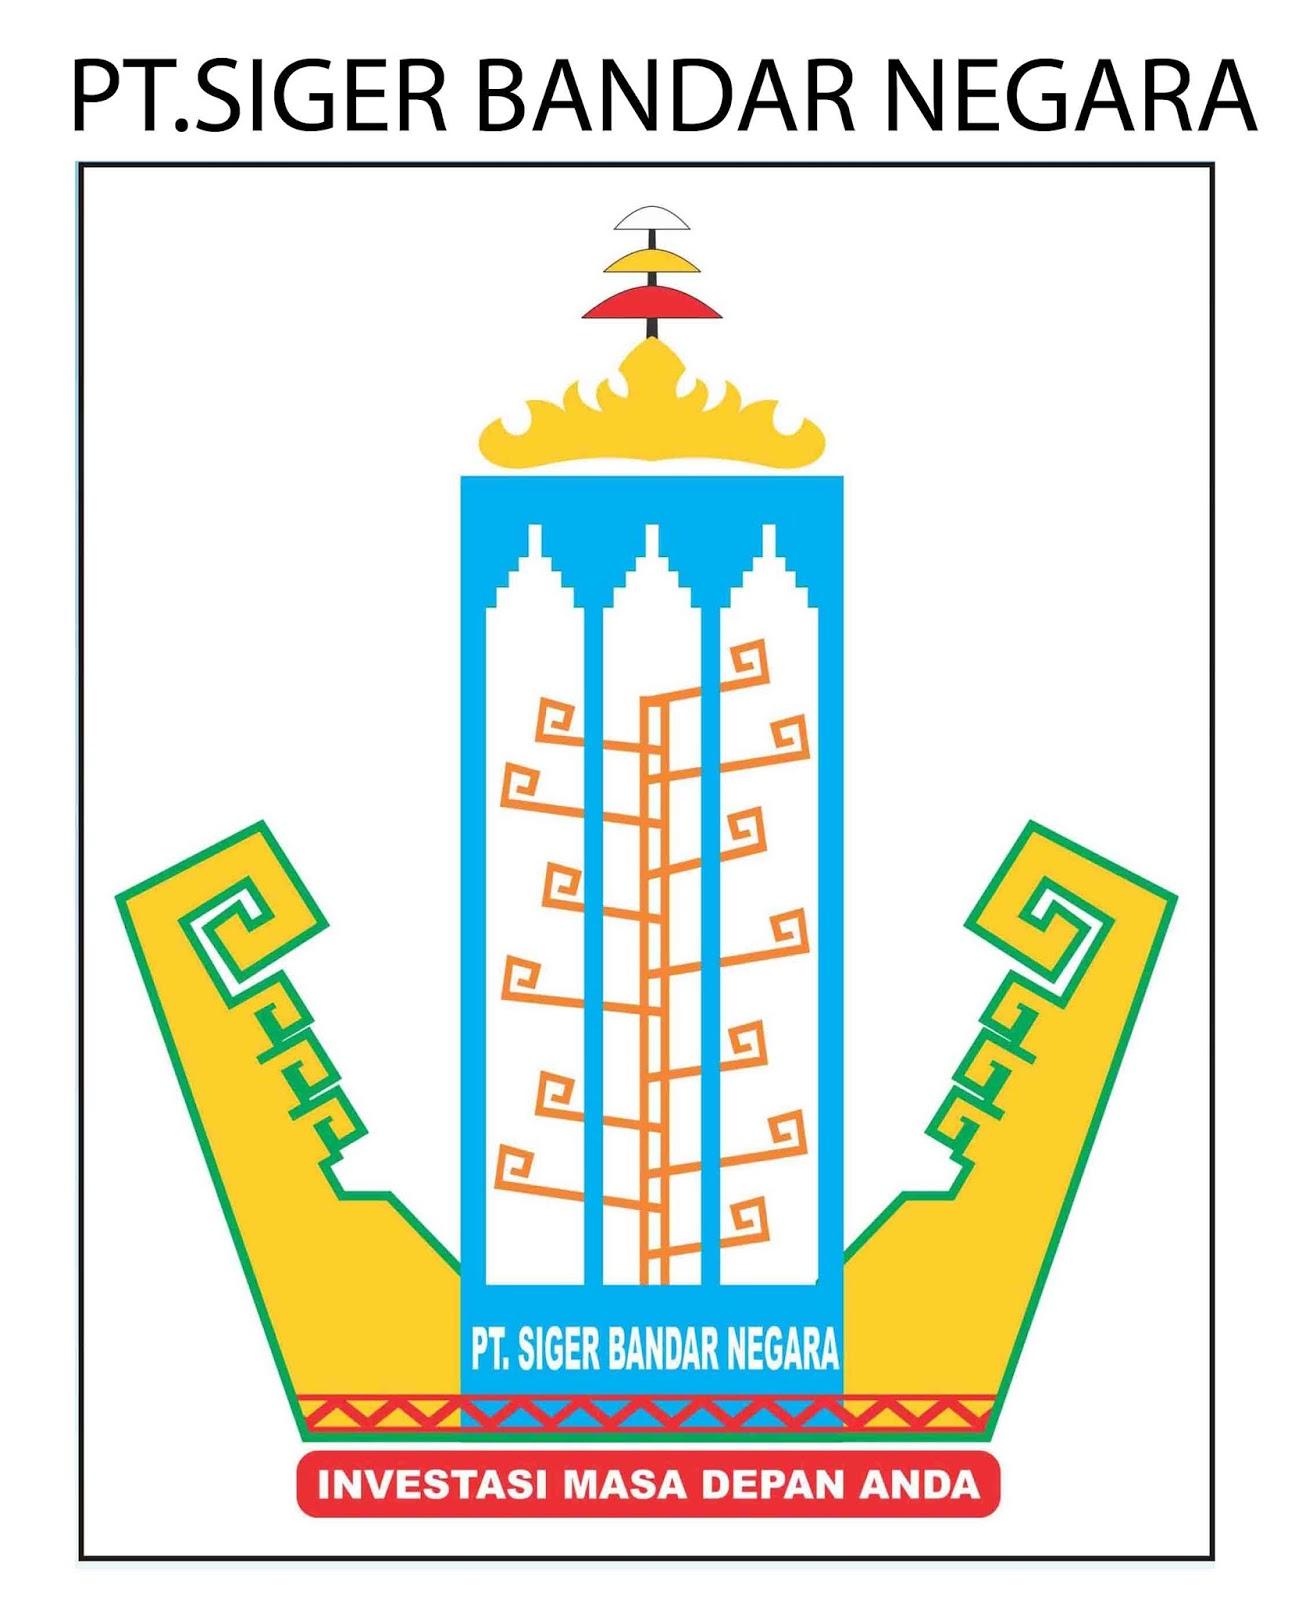 Lowongan Kerja PT. SIGER BANDAR NEGARA Lampung